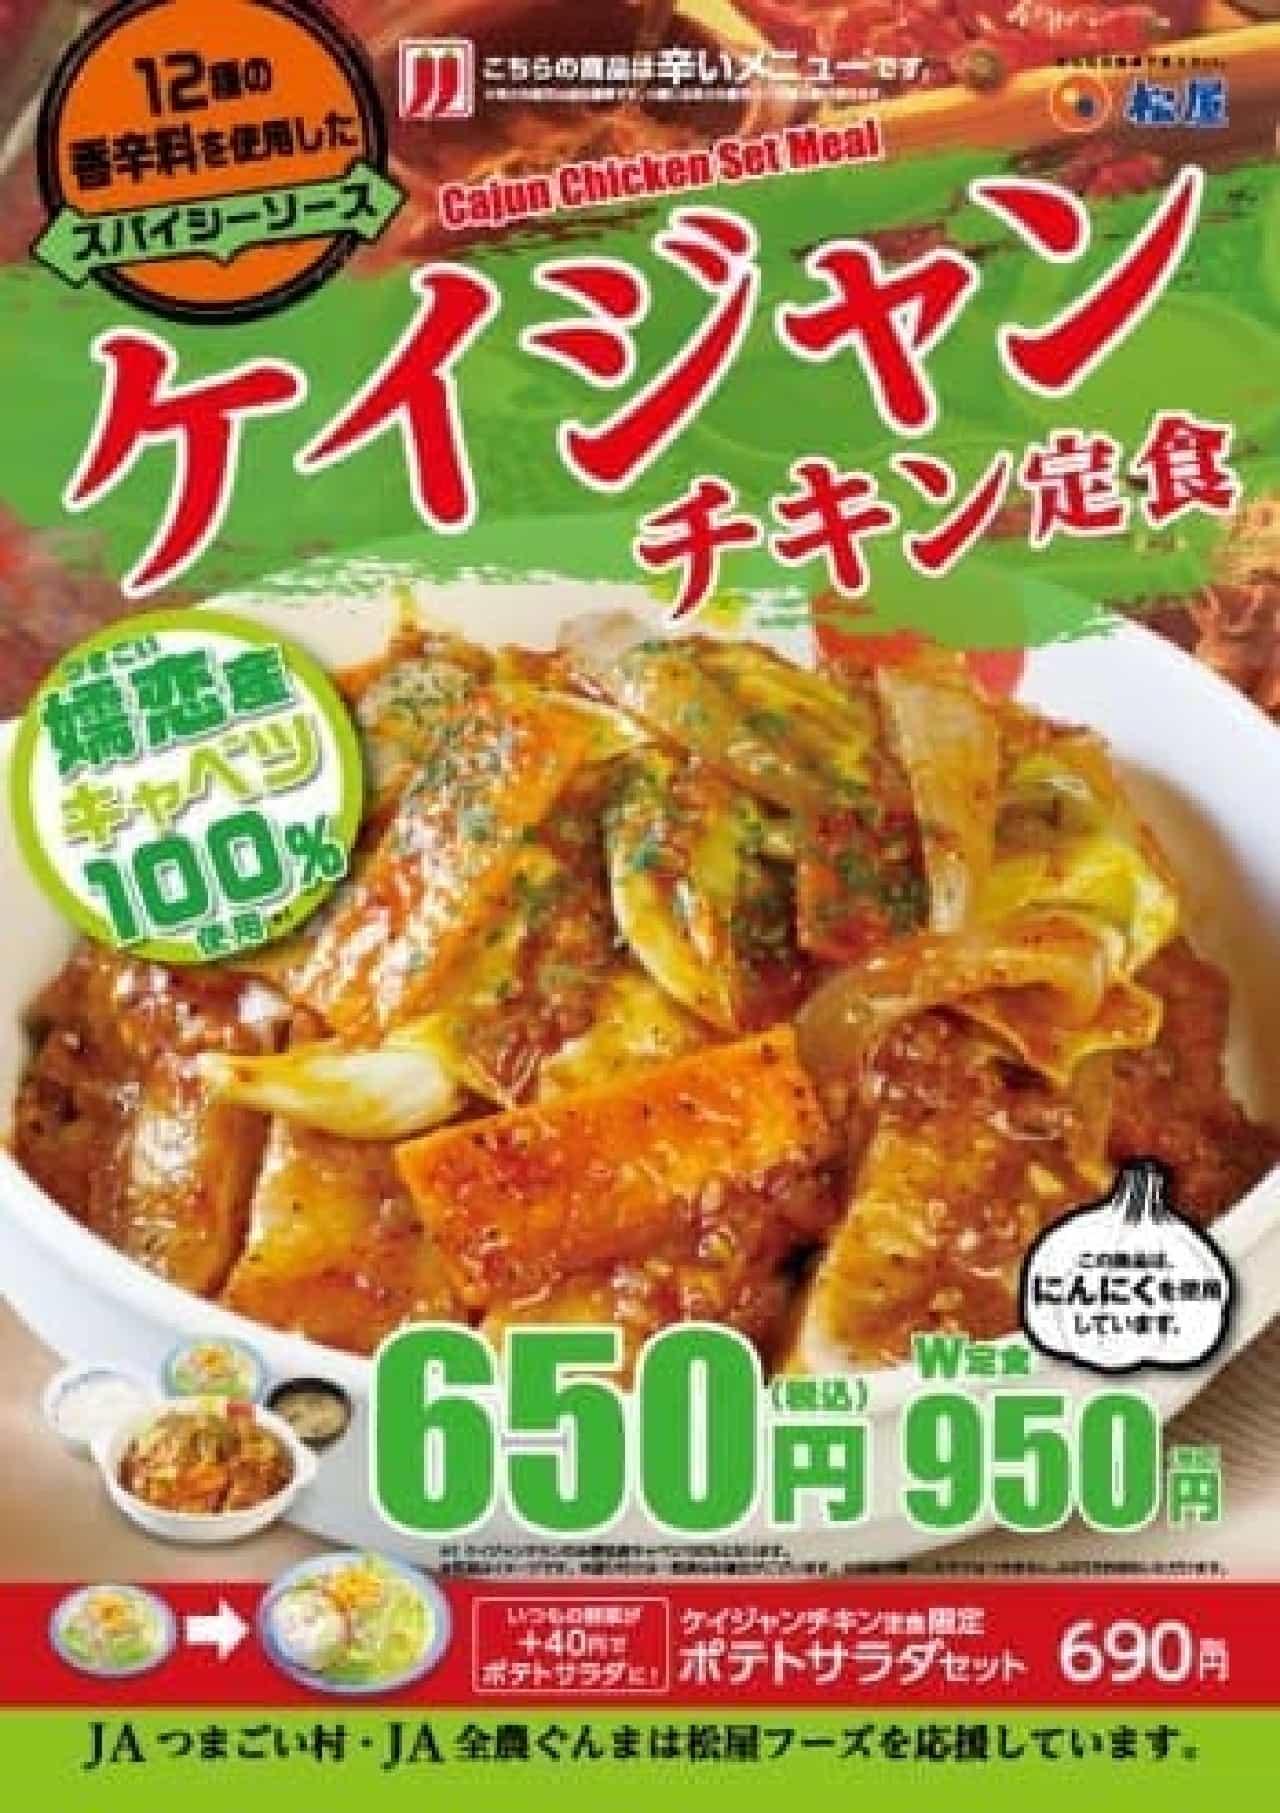 松屋「ケイジャンチキン定食」